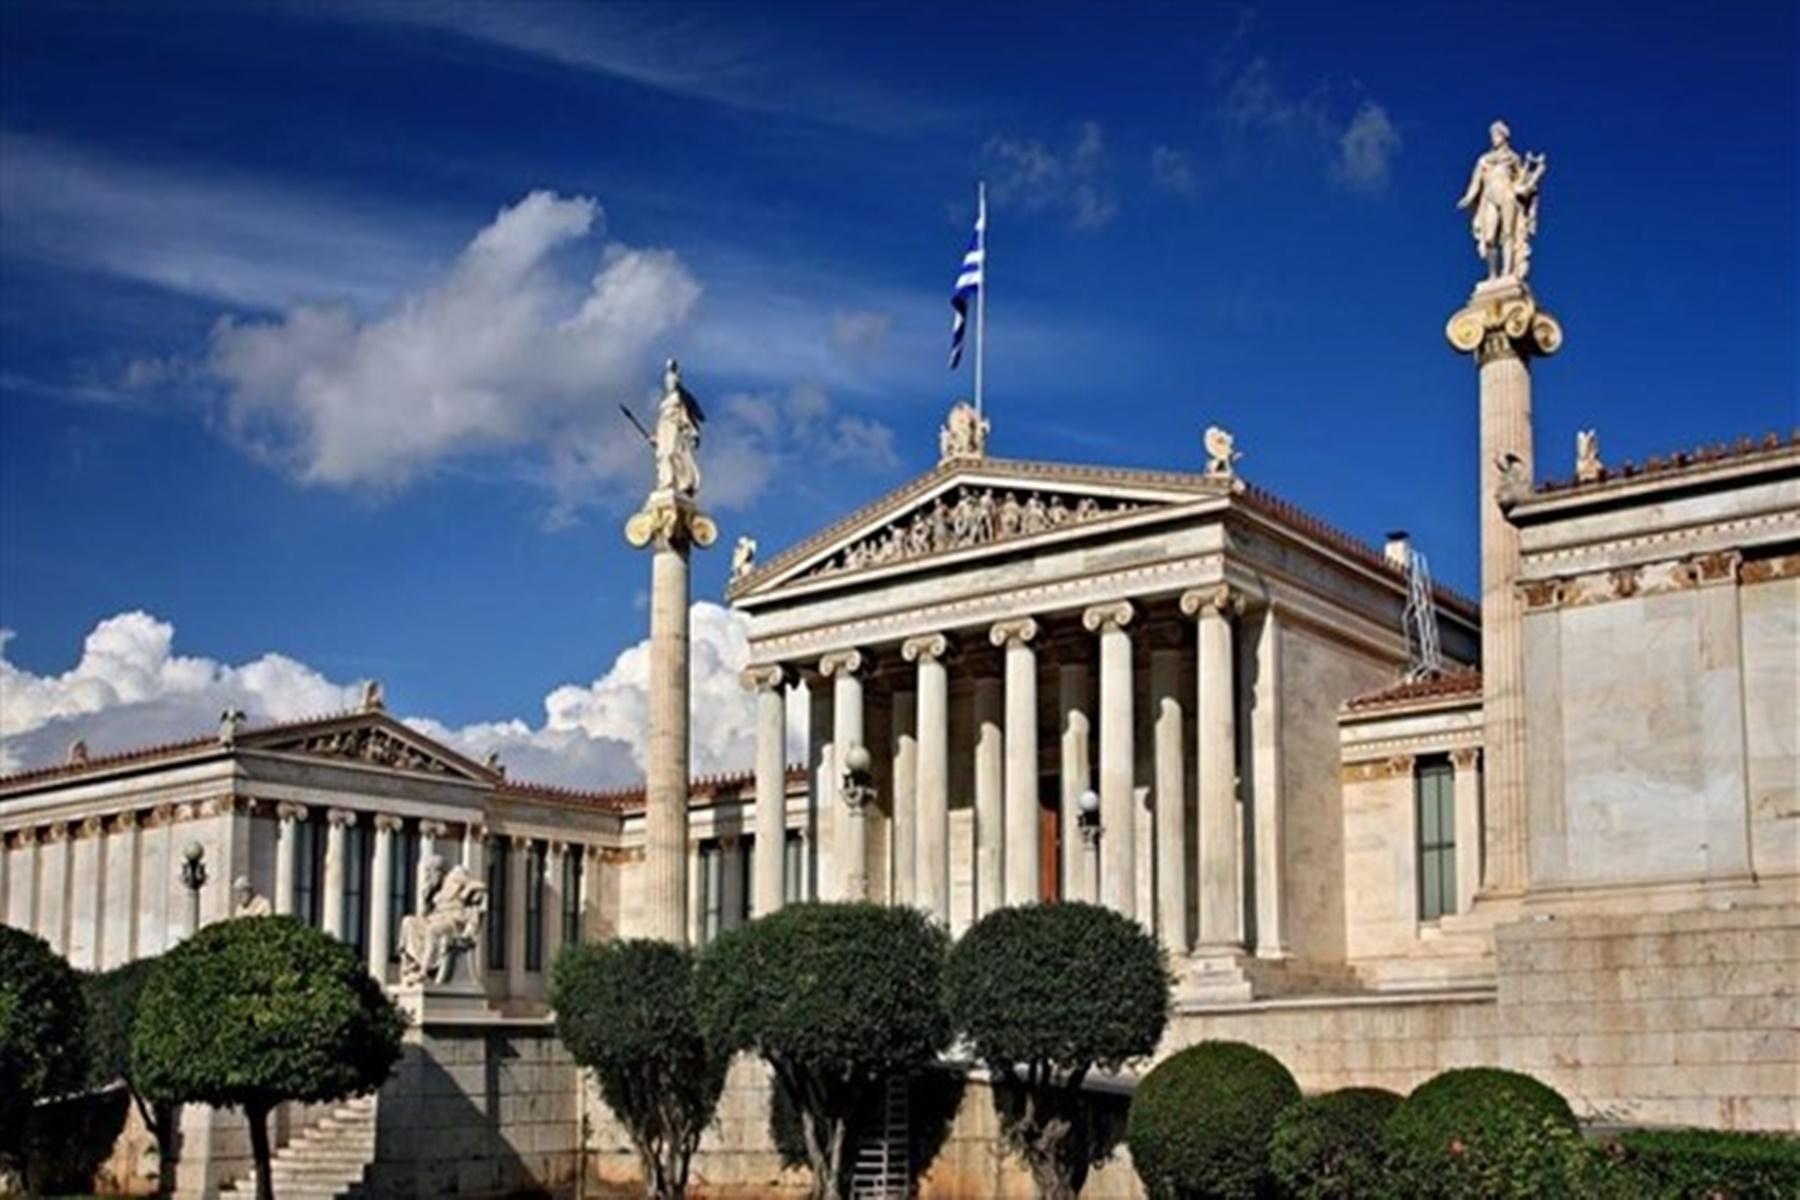 ΕΚΠΑ : Τρομερή διάκριση για το πανεπιστήμιο Αθηνών